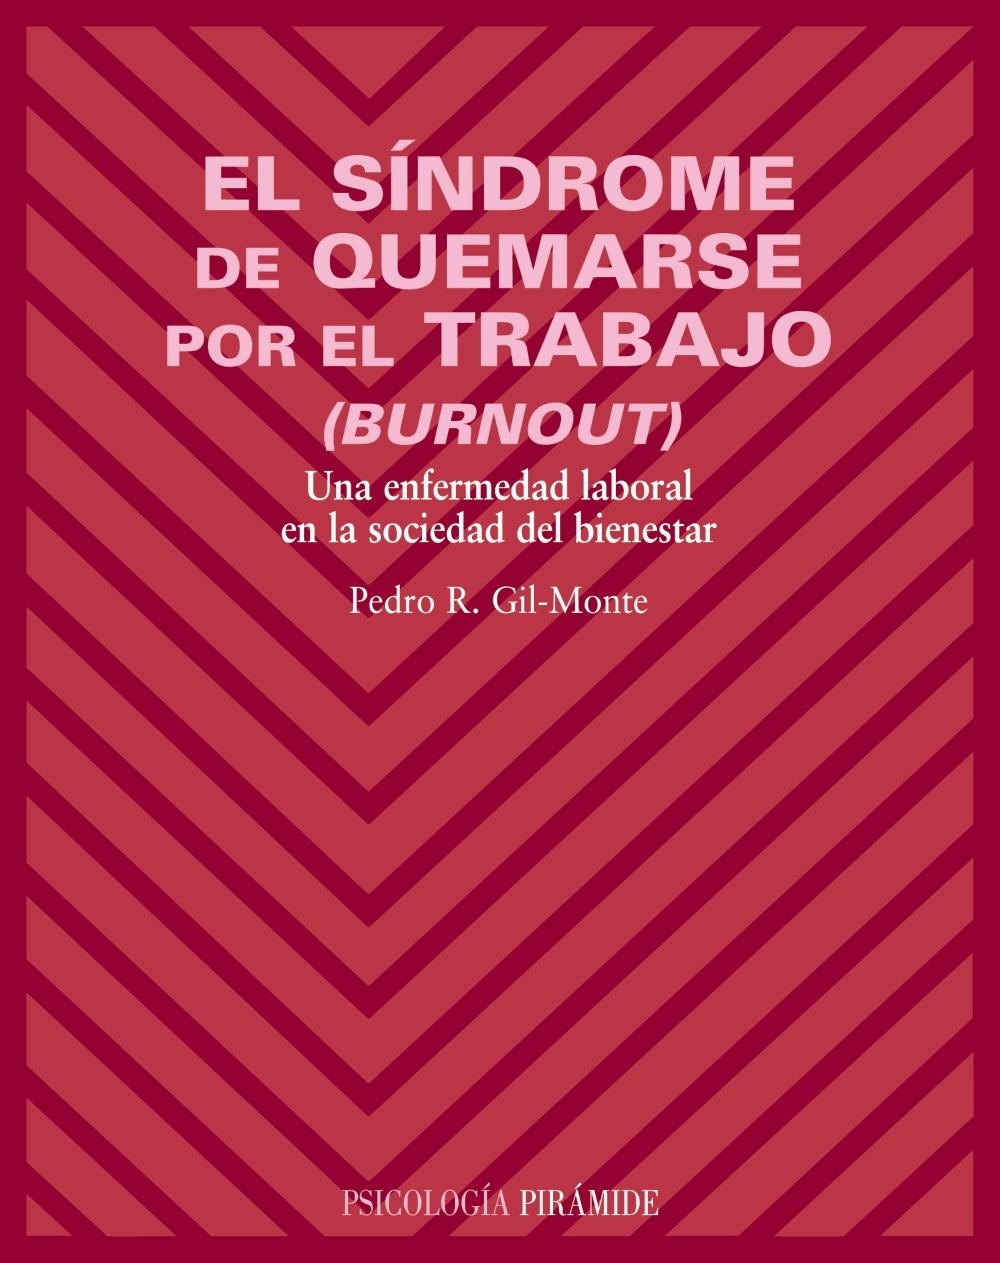 El Sindrome De Quemarse Por El Trabajo (burnout): Una Enfermedad Laboral En La Sociedad Del Bienestar por Pedro R. Gil-monte epub